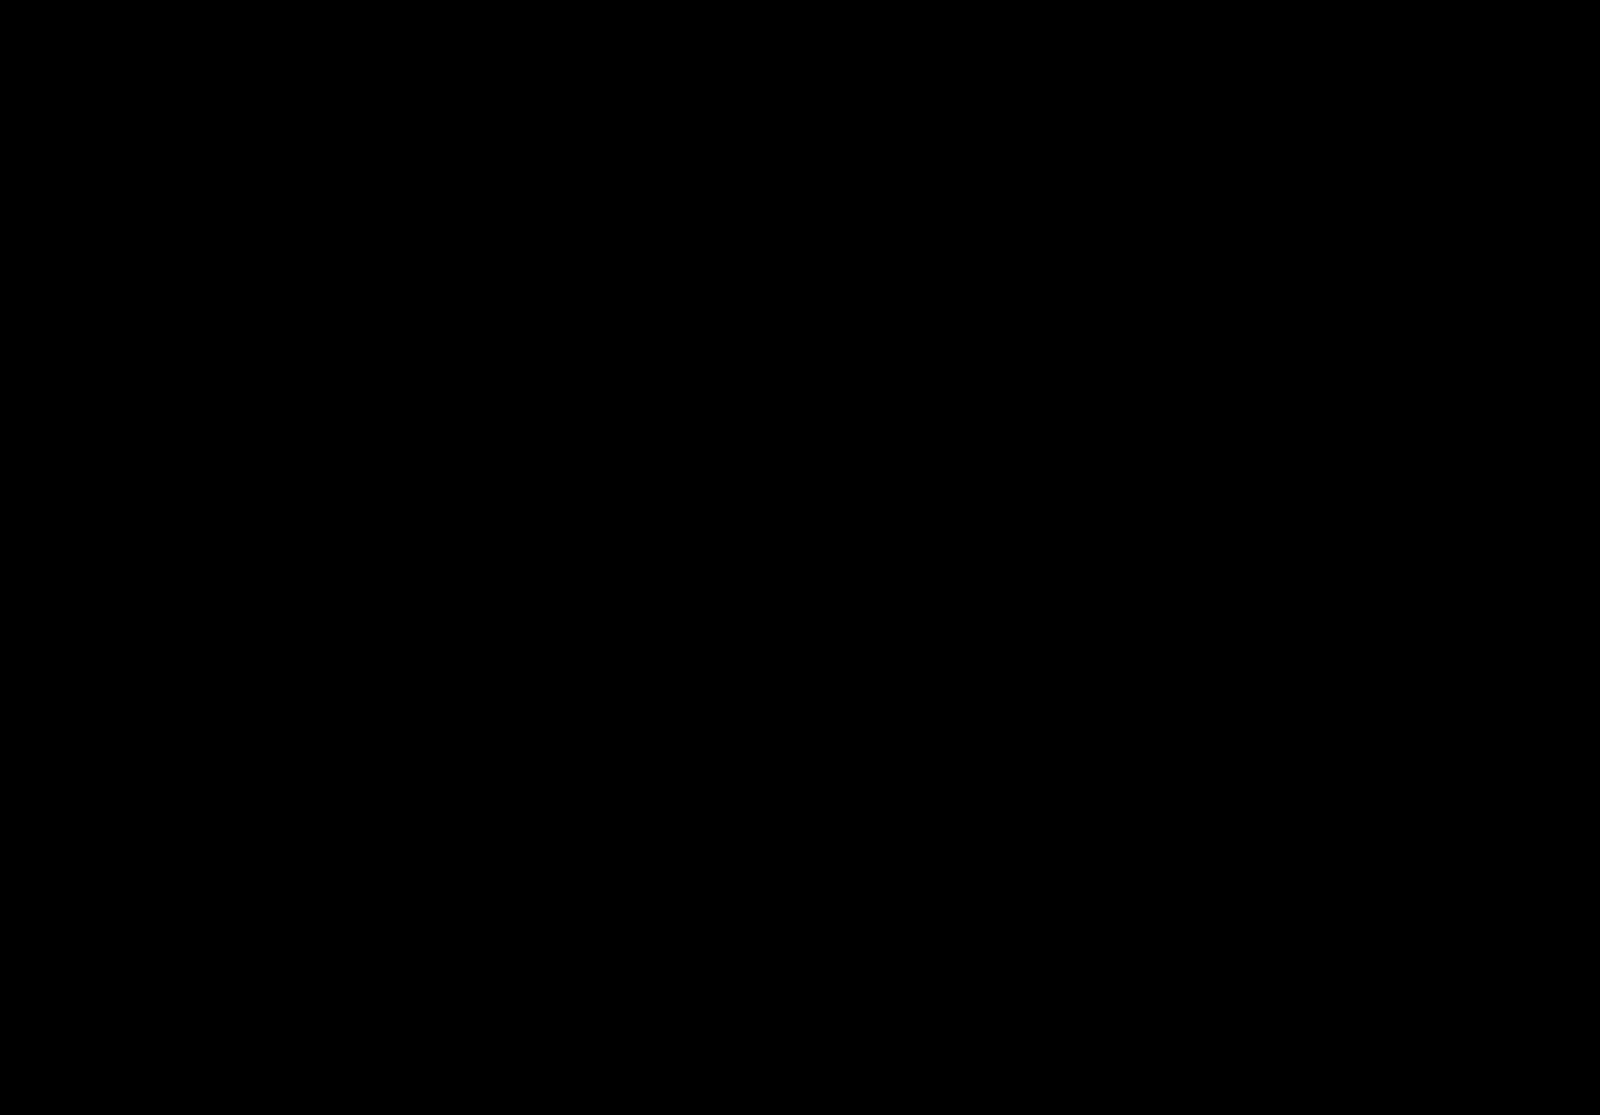 Estació de viticultura i enologia de Reus